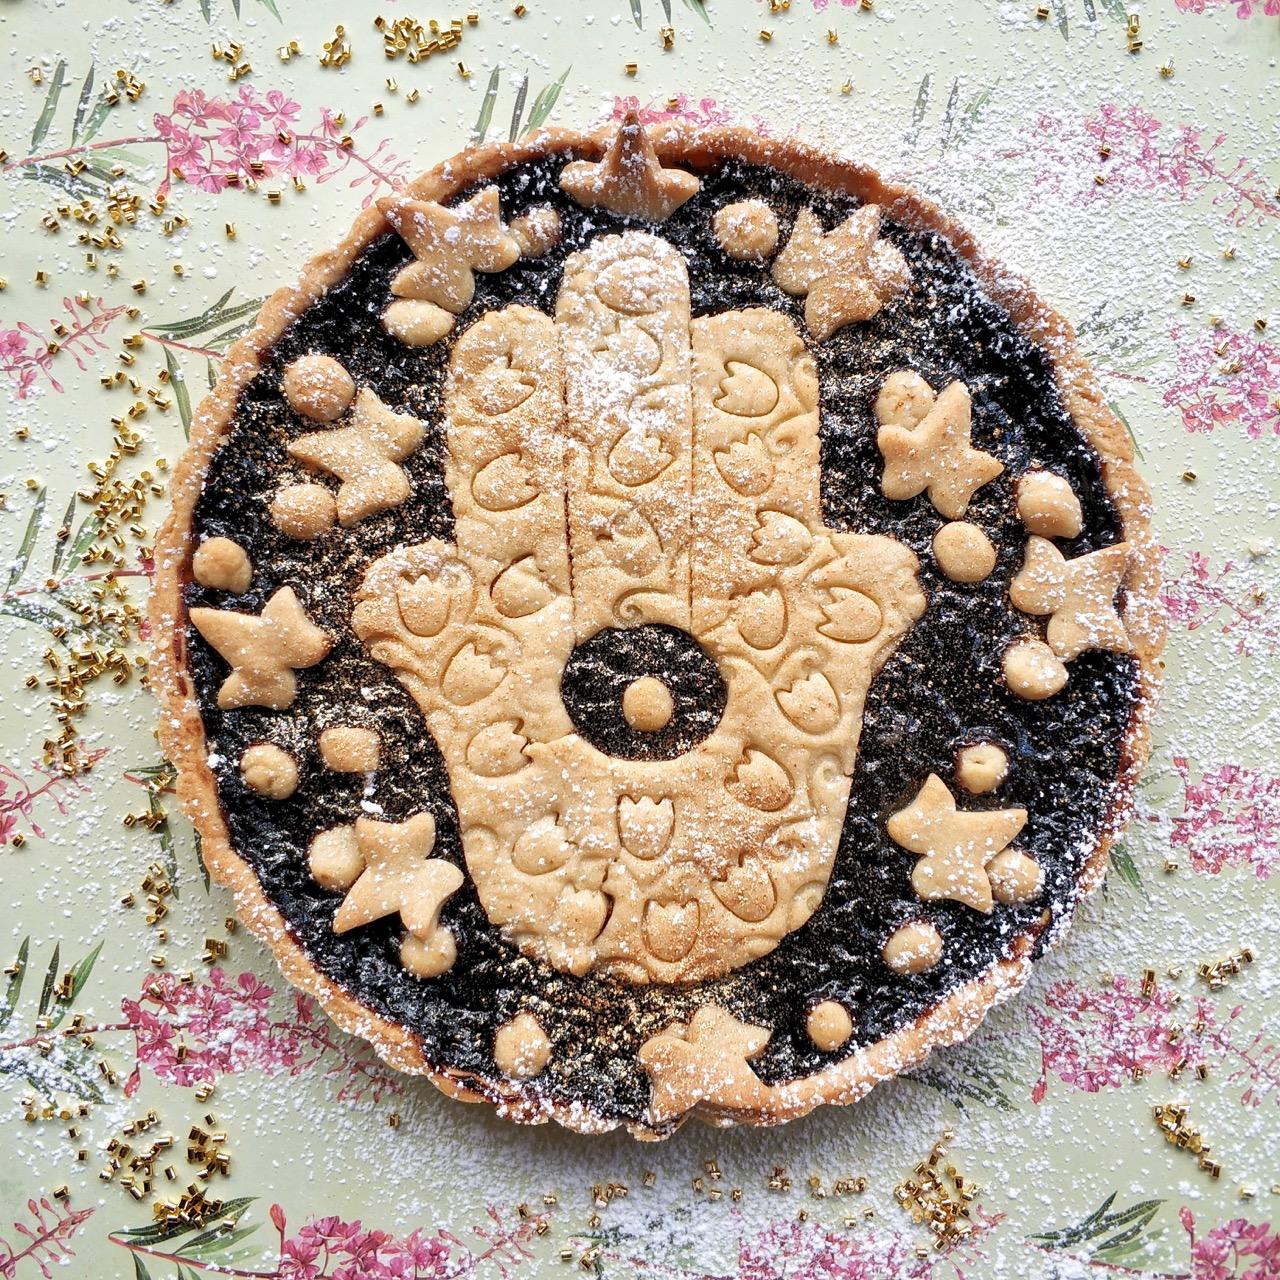 עוגת חמסה חמסה חמסה - עוגת בצק פריך וריבה עם צורת חמסה מעוטרת מבצק פריך מעל. מונחת על נייר פרחוני וחרוזים מזהב לקישוט.